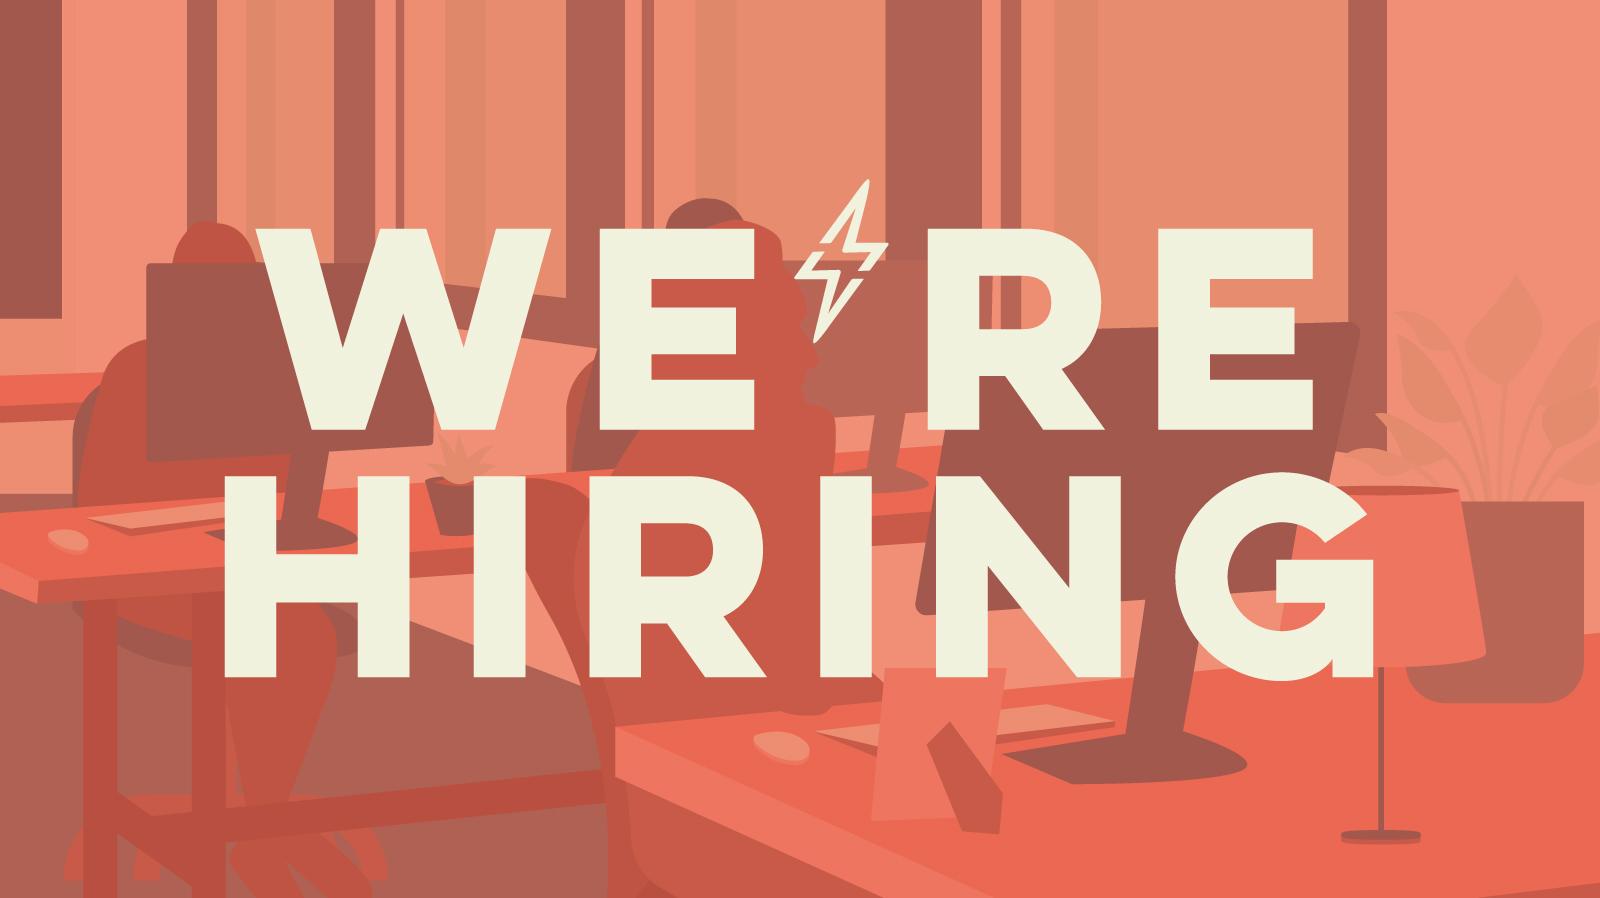 We're hiring freelancers